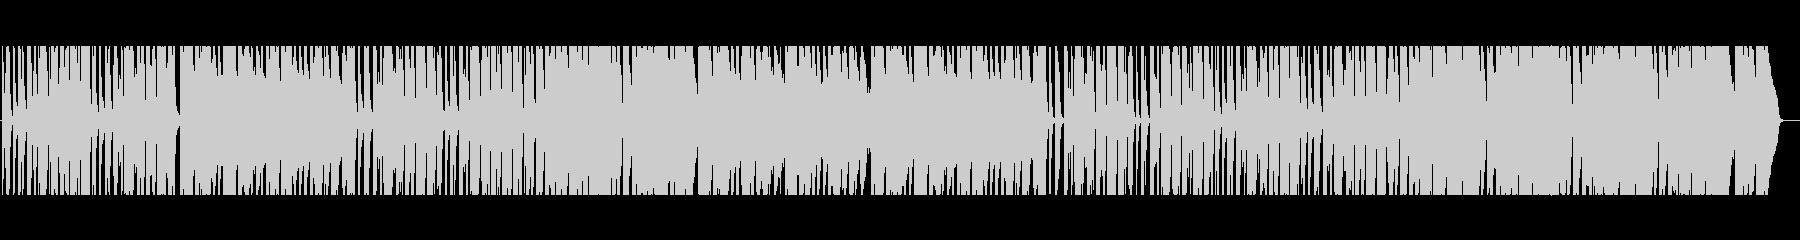 明るく可愛いポップス(ドラム無し)の未再生の波形